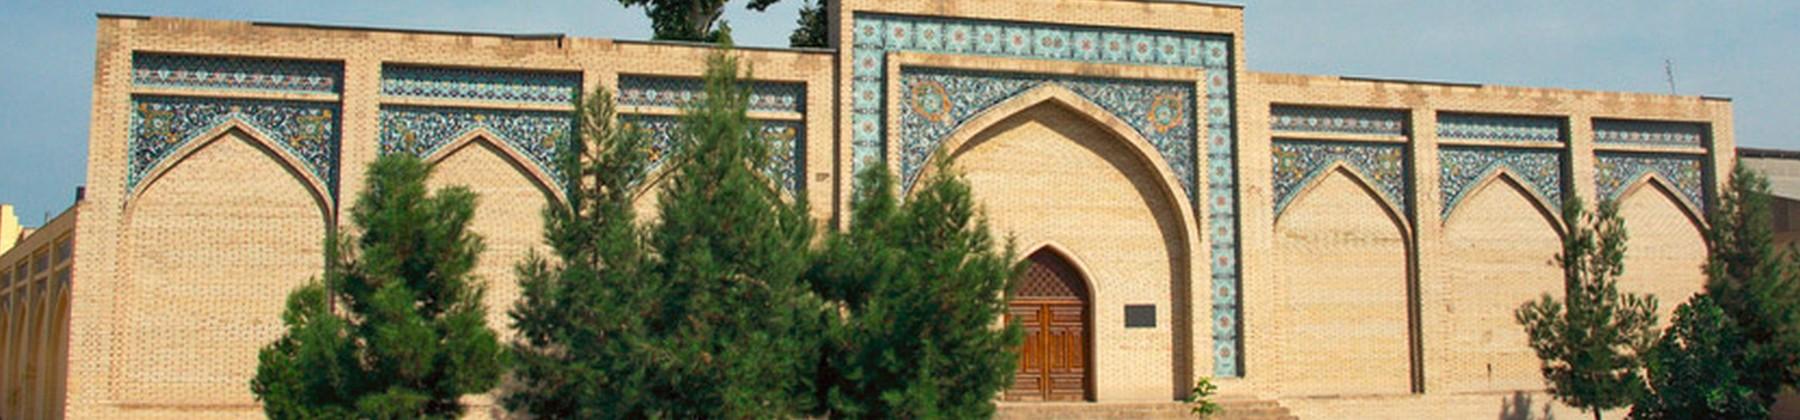 Said Ahmad Hoja Madrasah - 1